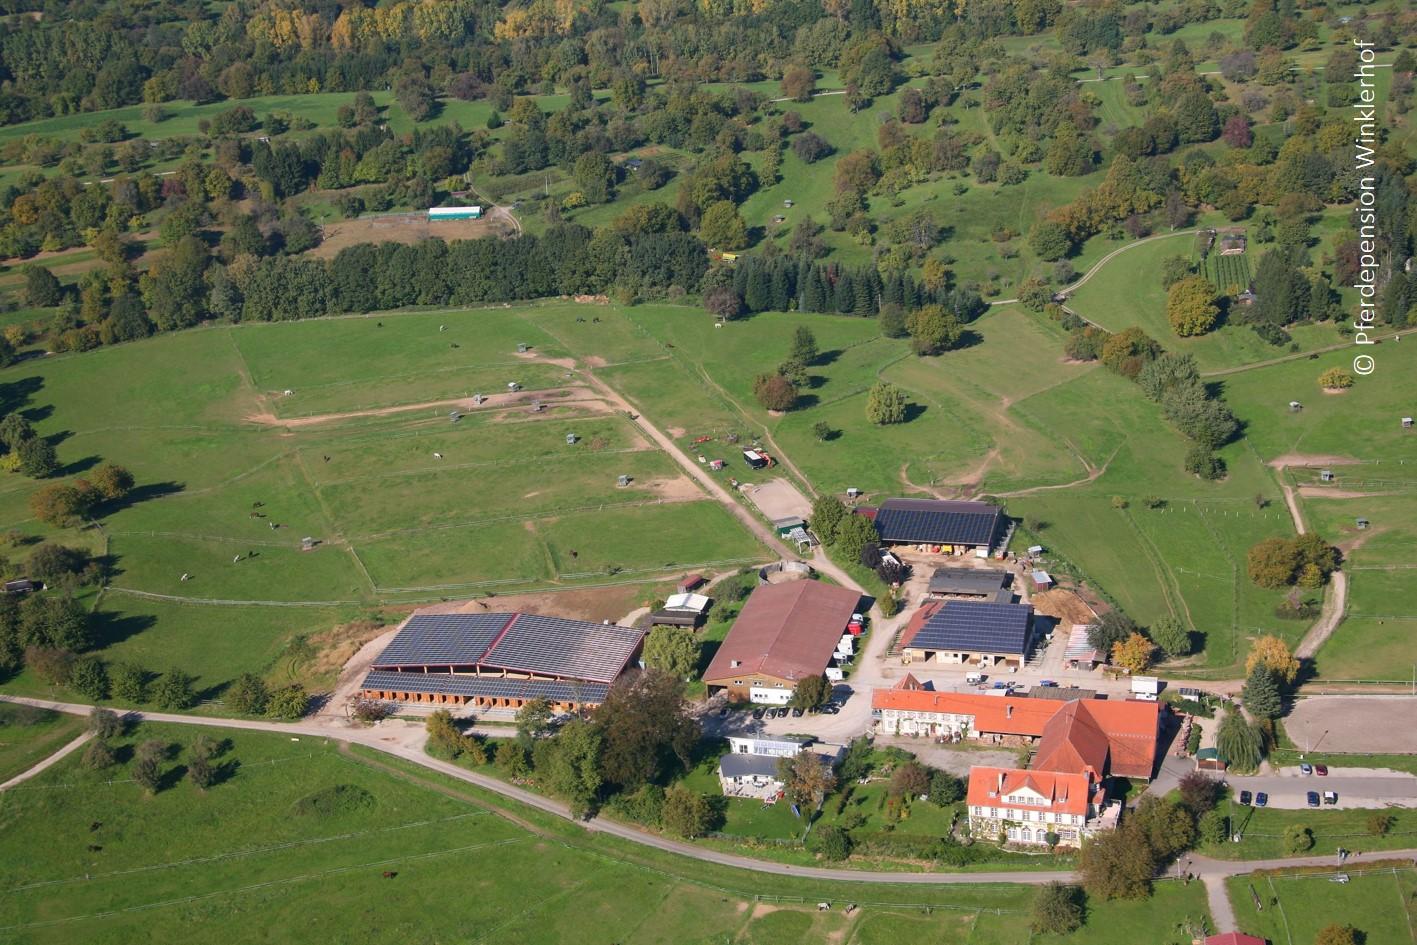 Luftbild der gesamten Anlage